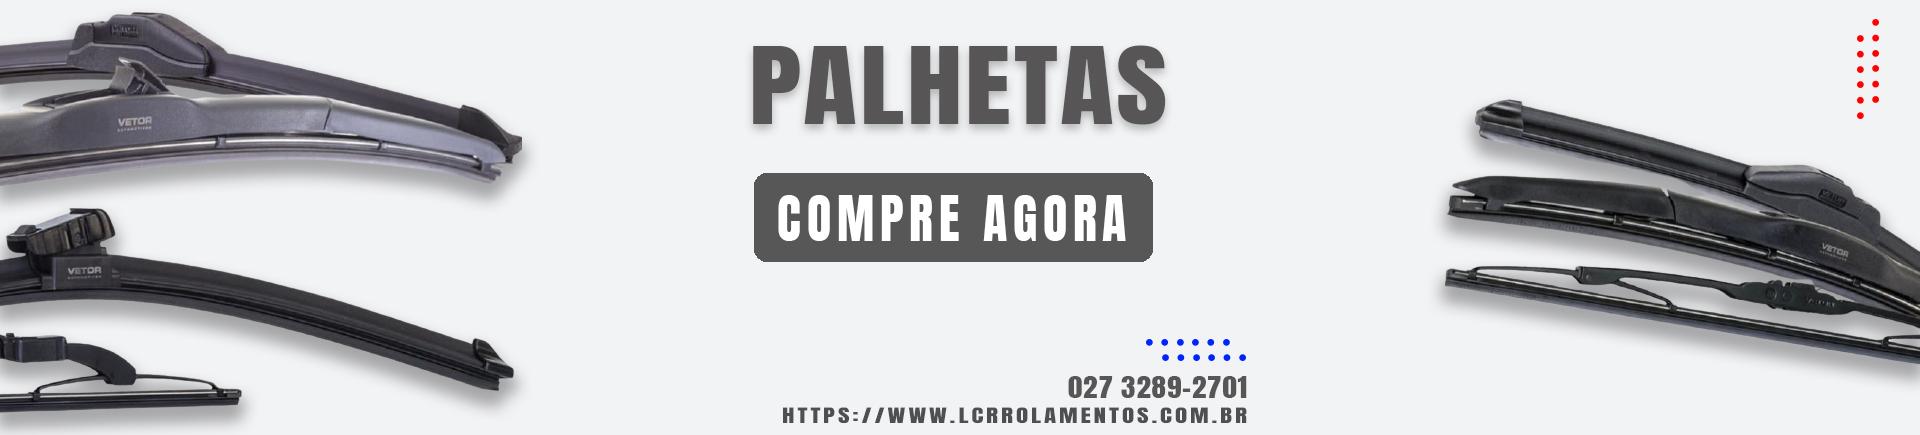 Palhetas_2